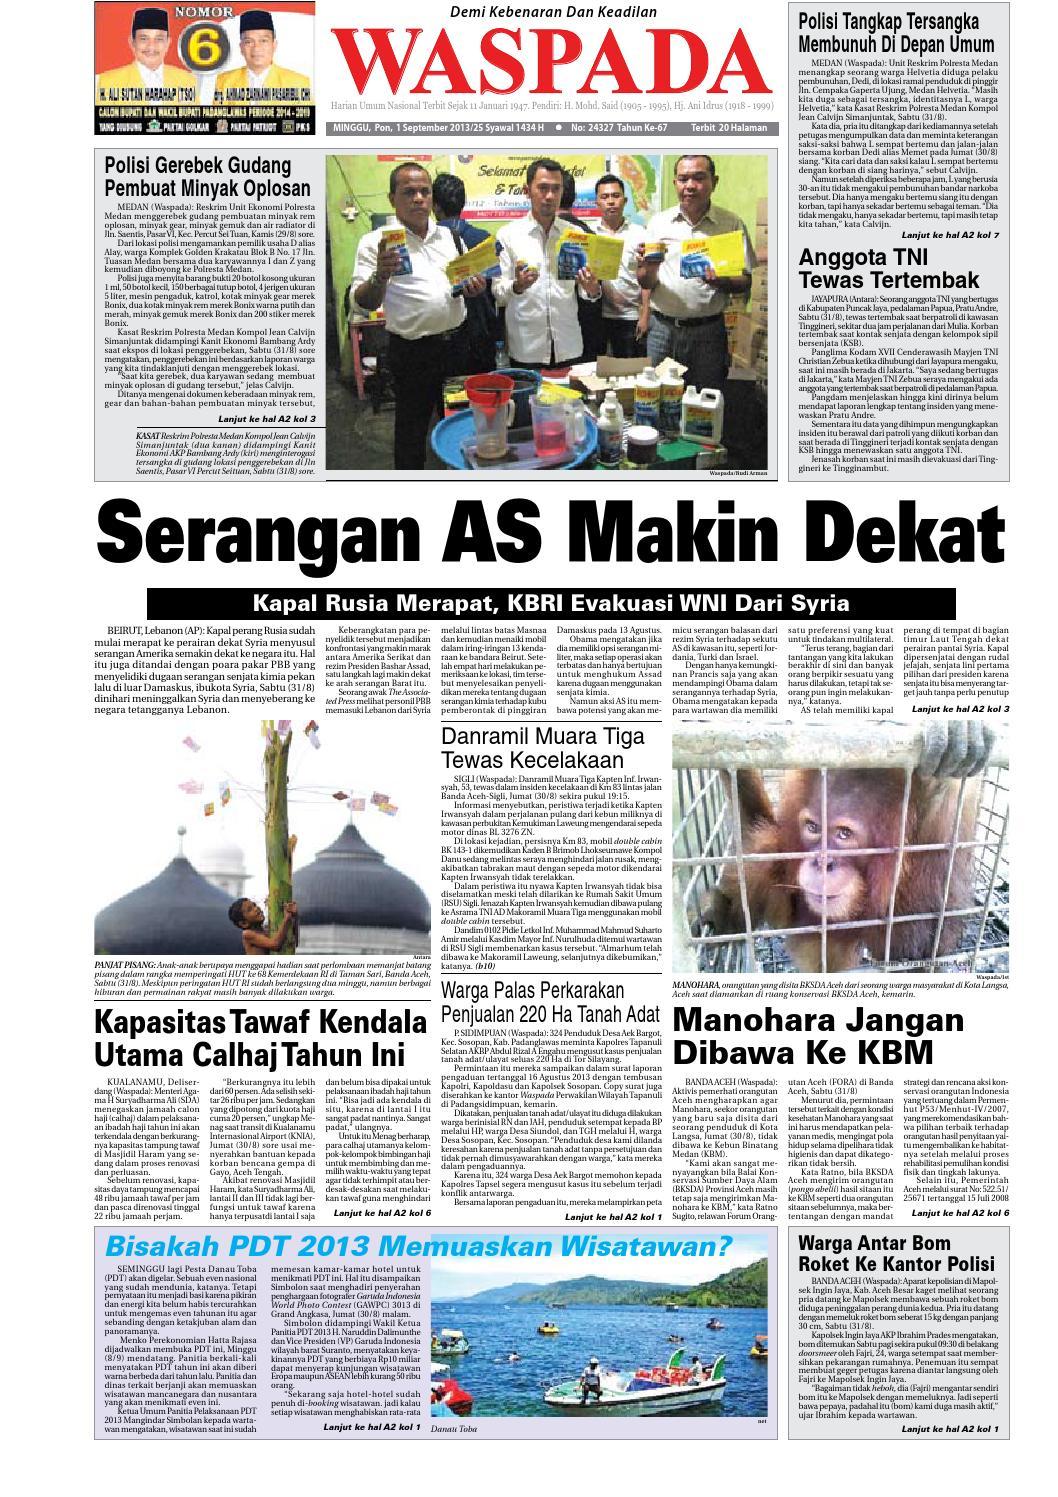 Waspada Minggu 19 Mei 2013 By Harian Issuu Krezi Kamis 25  Karpet Pp Rug 100x150 Ter Free Ongkir 1 September